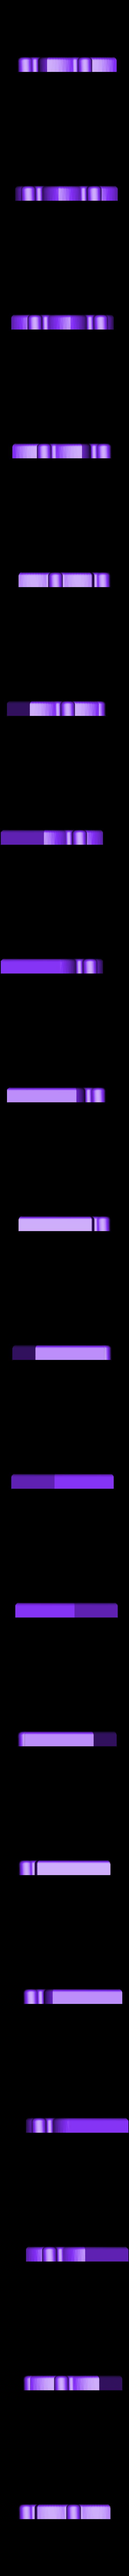 Cell_Puzzle_Top-Right.STL Télécharger fichier STL gratuit Échecs démoctratiques • Modèle à imprimer en 3D, Ghashnarb